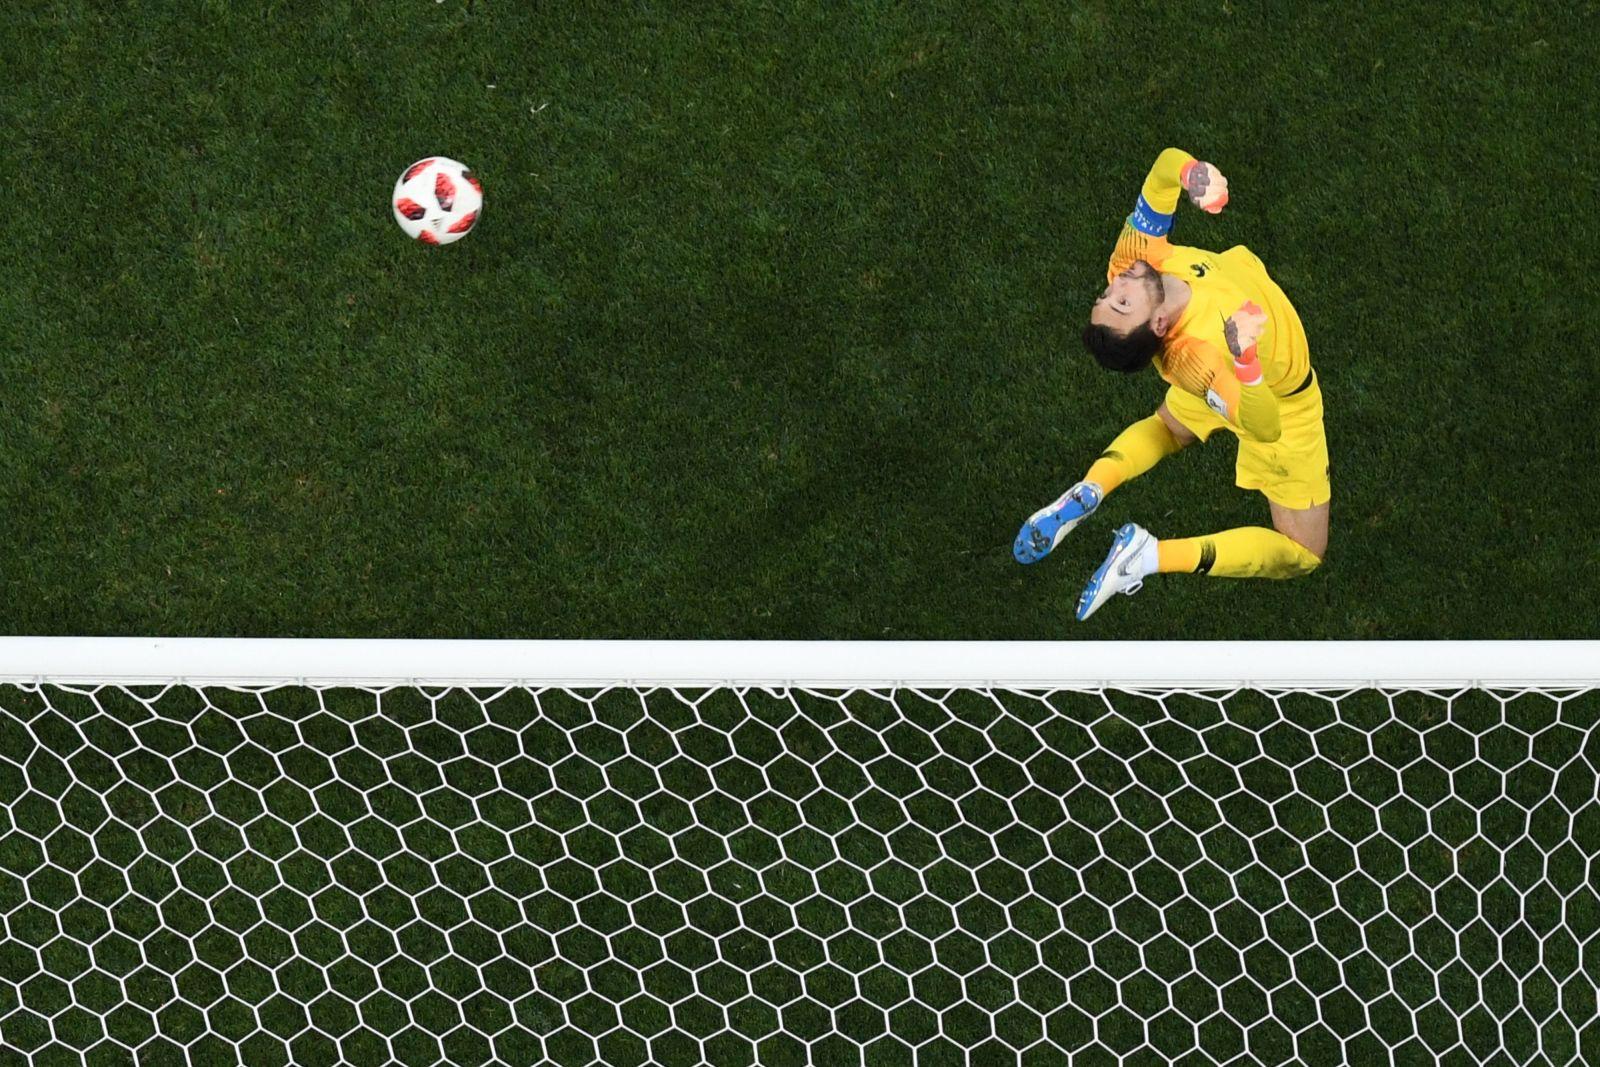 حارس المنتخب الفرنسي في لقطة من النهائي